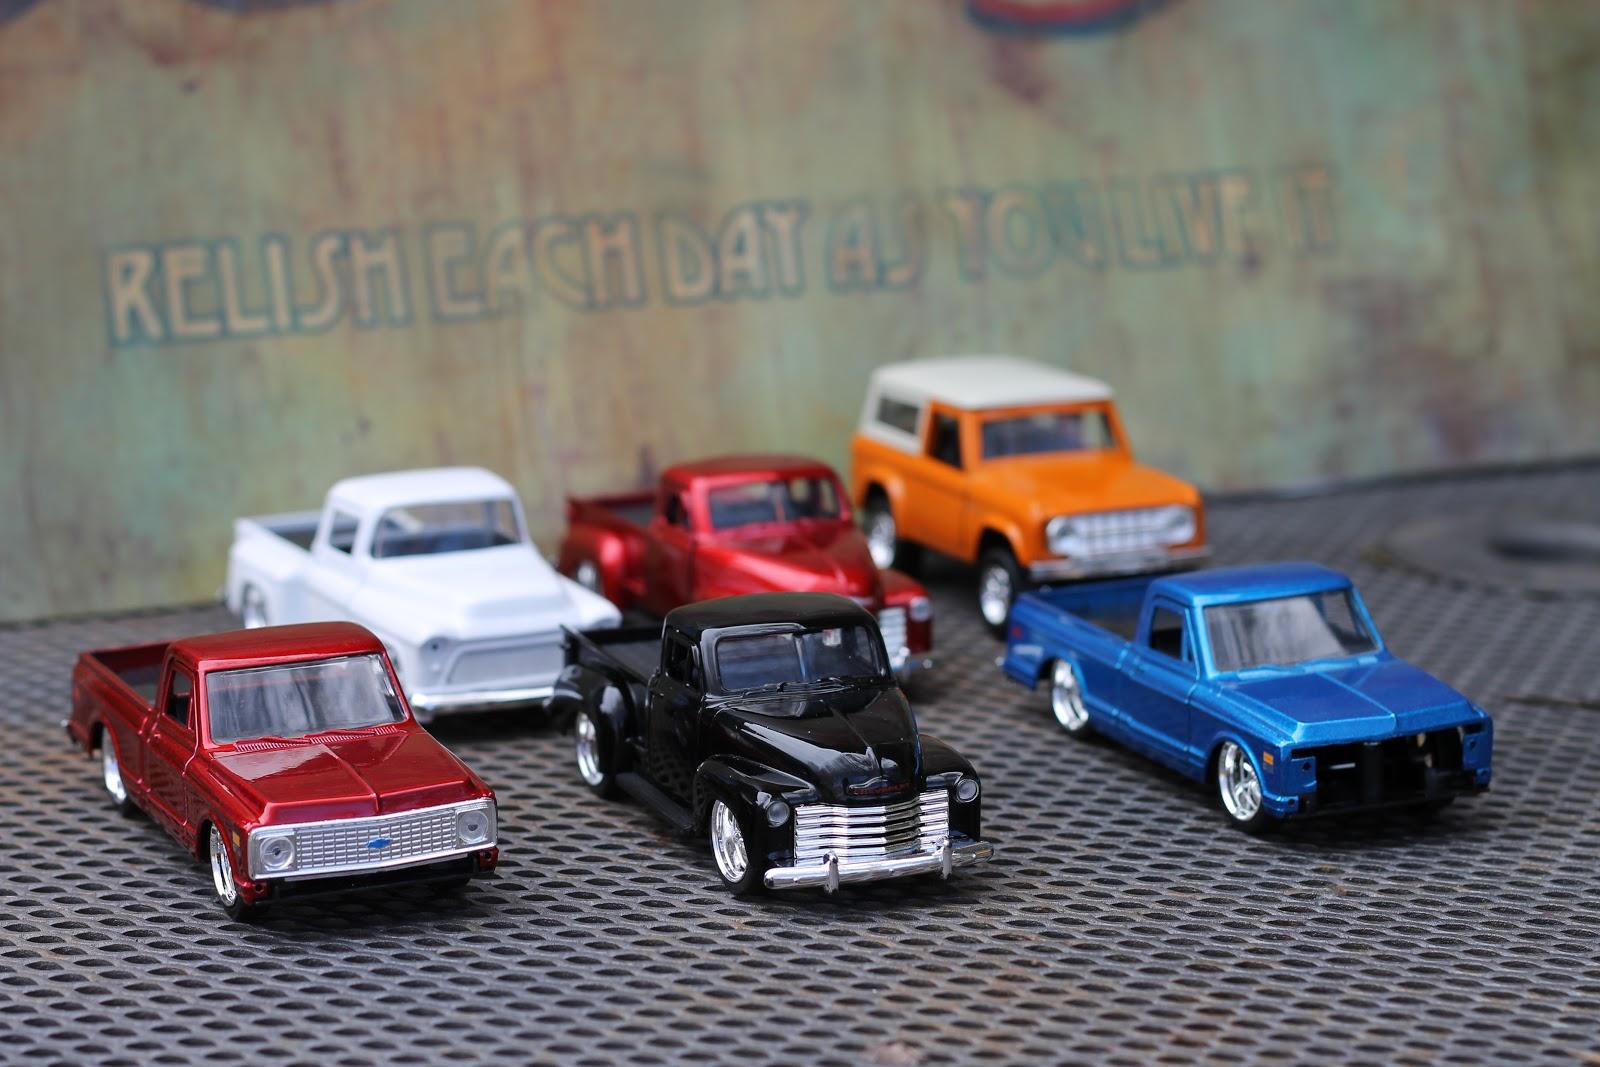 Make Toy Vehicles Look Old   Miss Kopy Kat